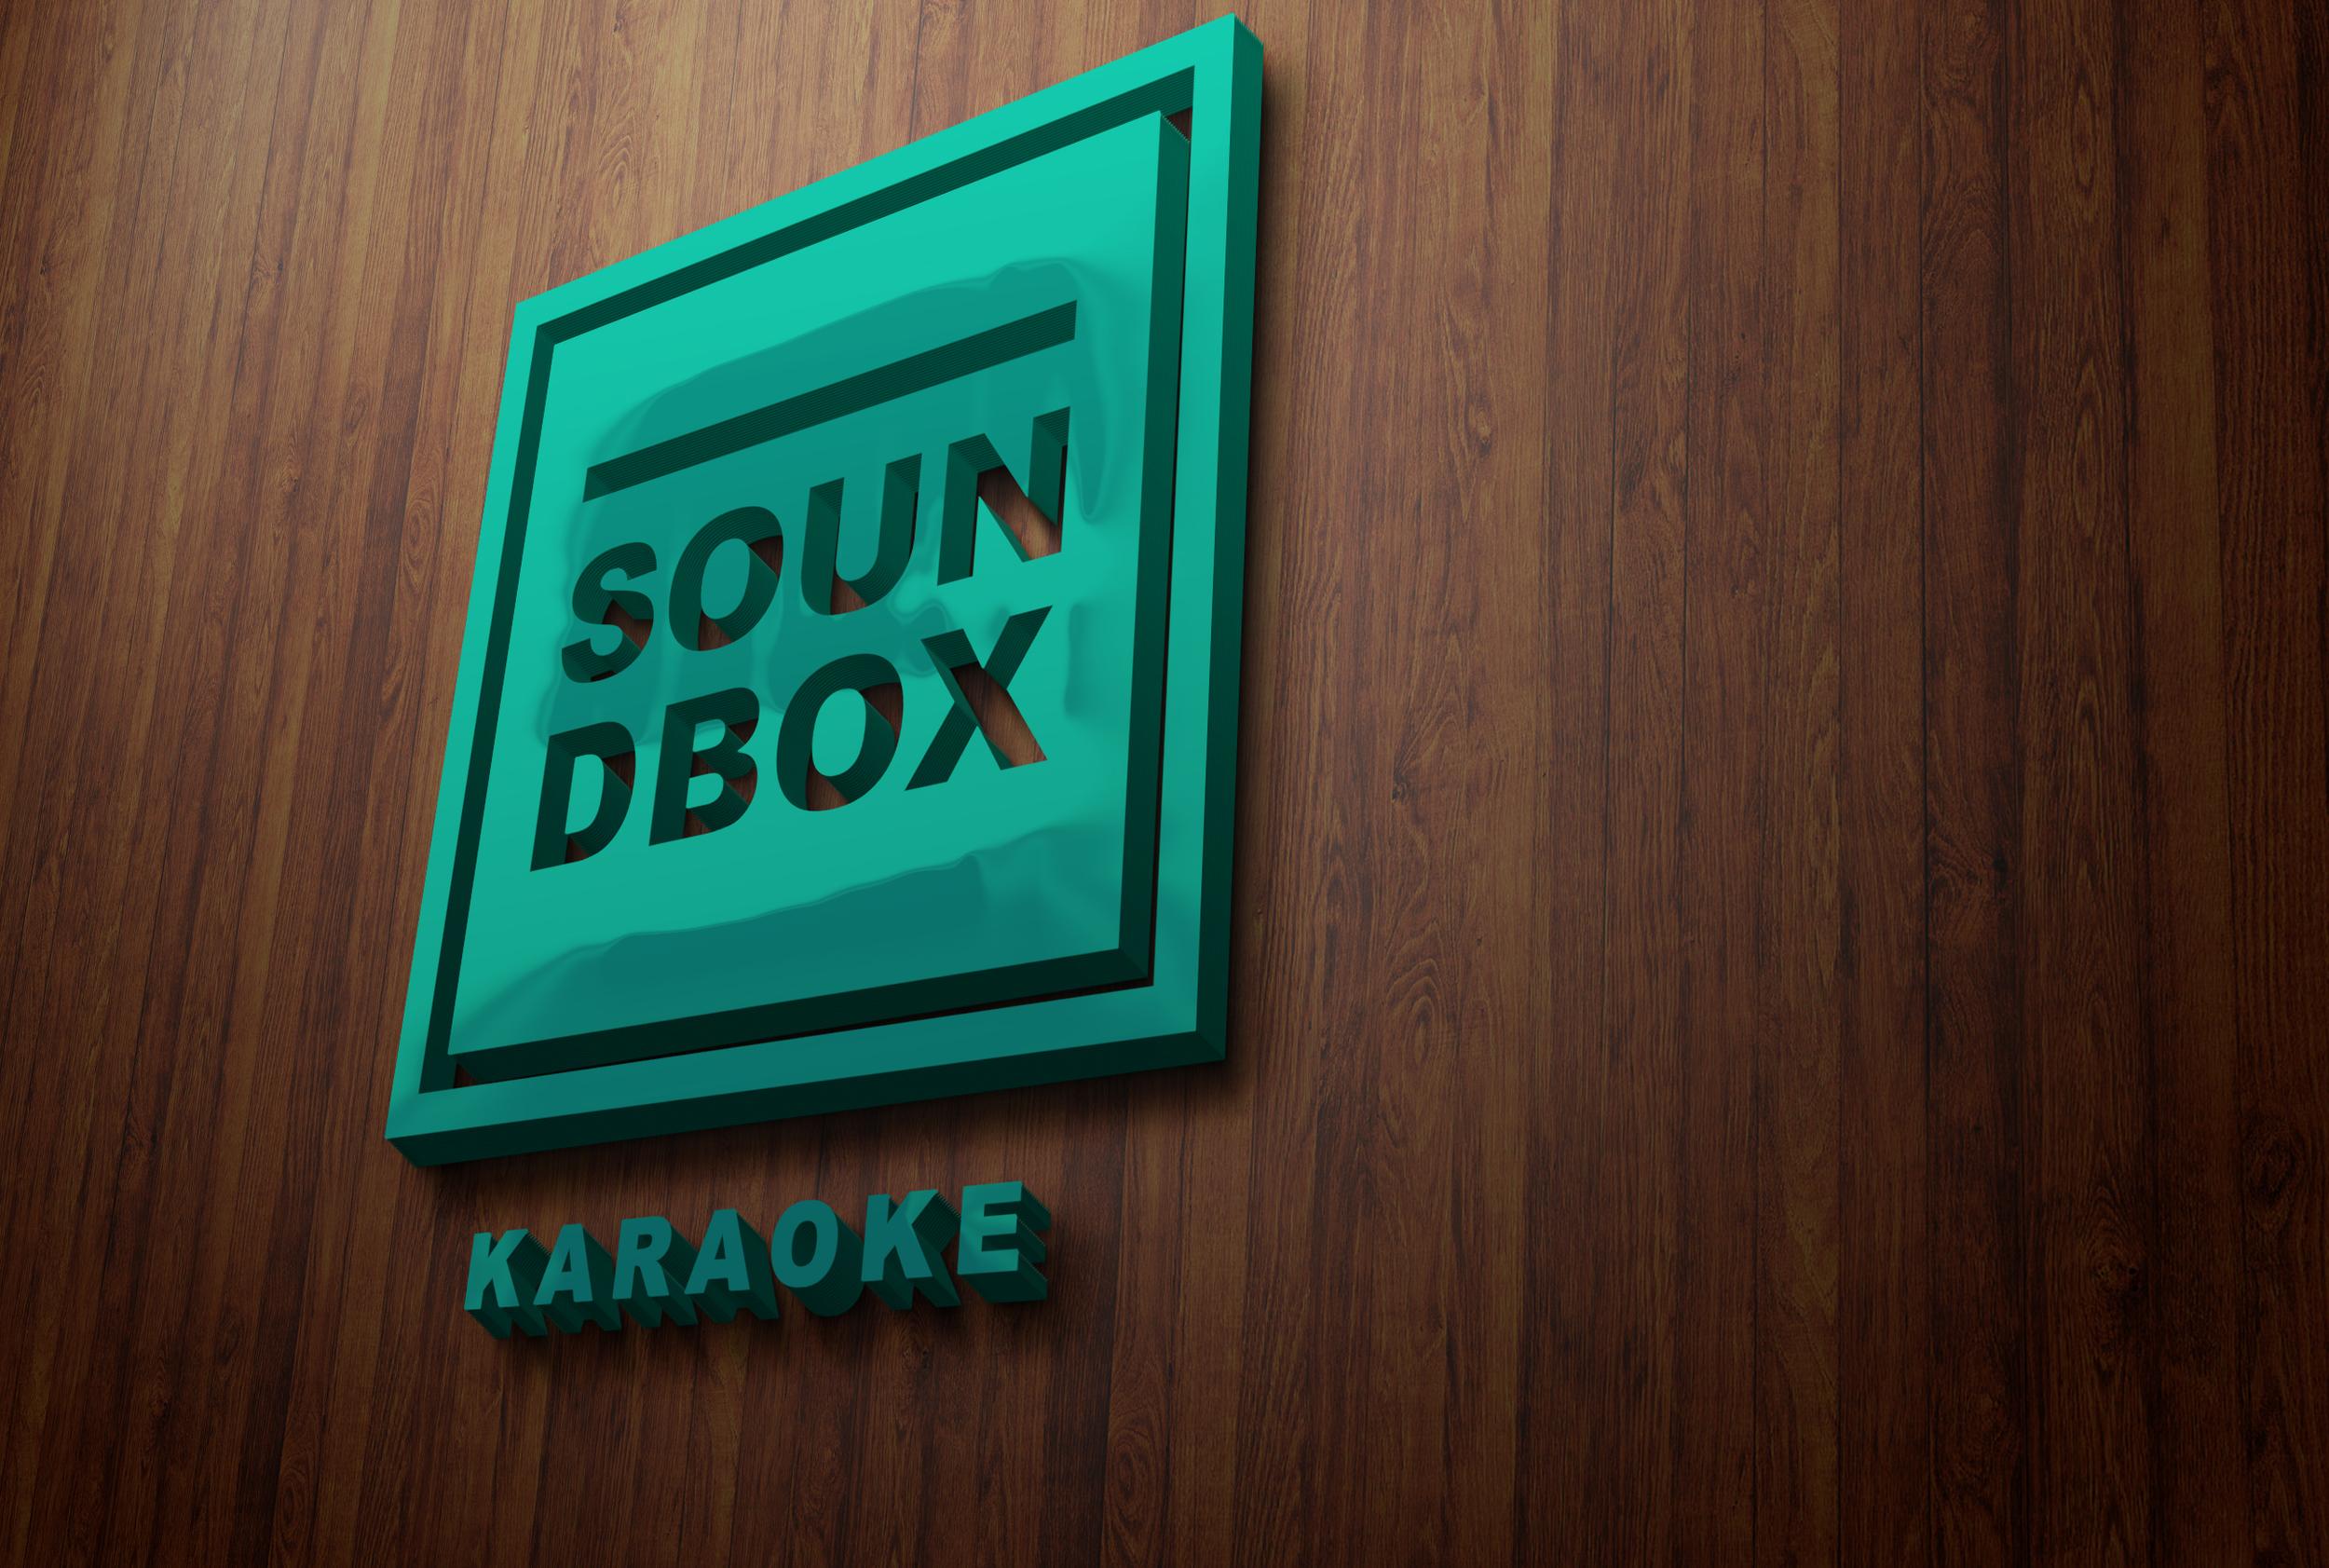 3D Wall Logo MockUp 2-REV1-SoundBox.jpg